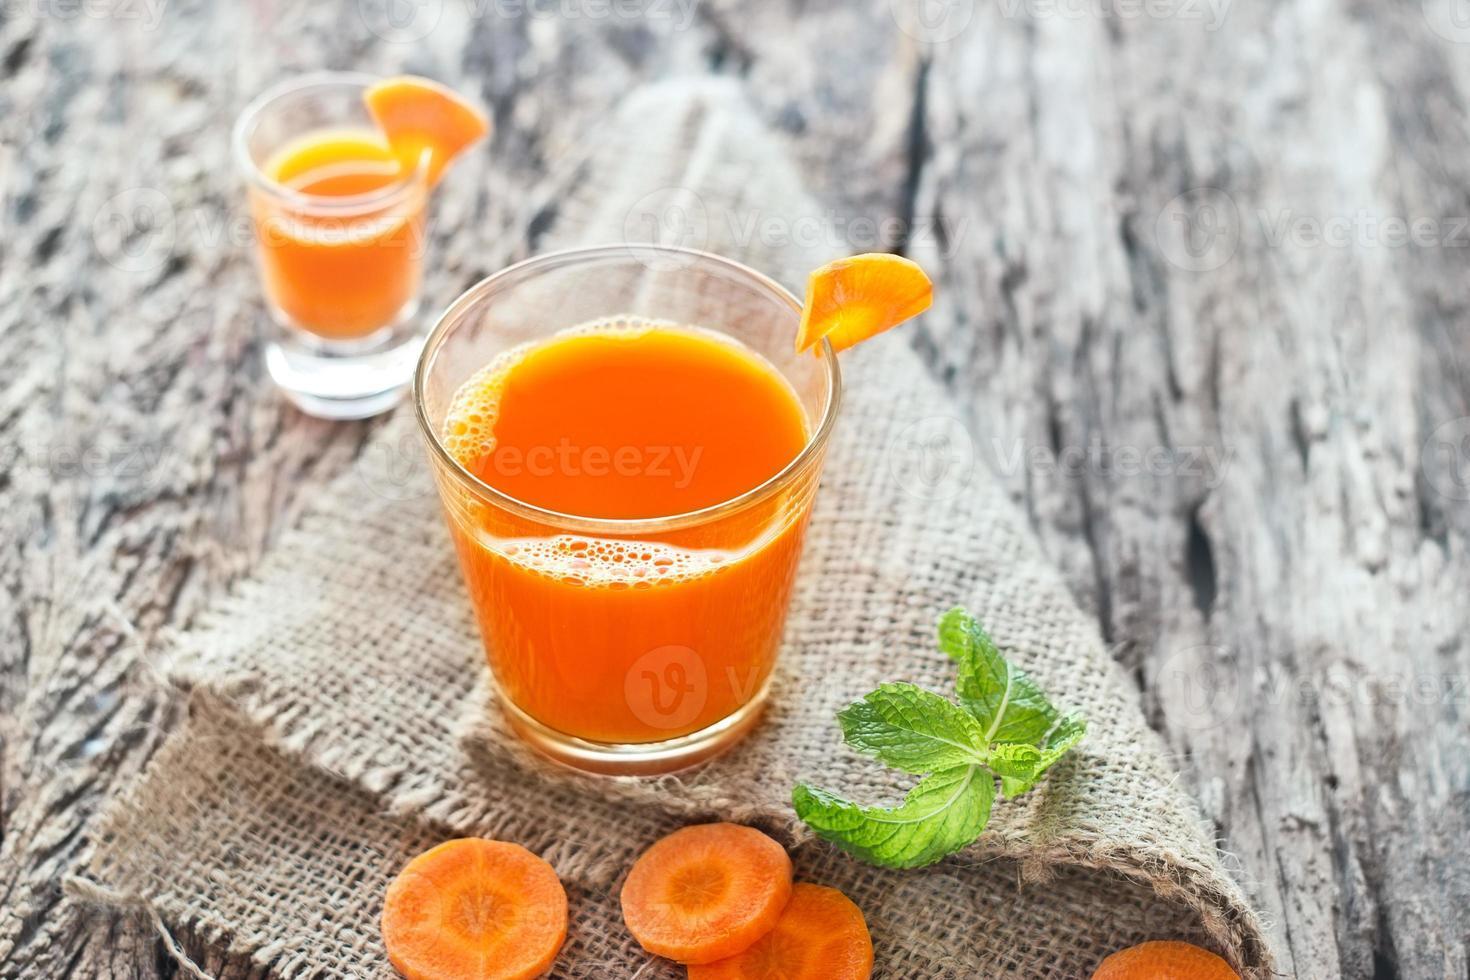 jugo de zanahoria fresco en saco y fondo de madera foto